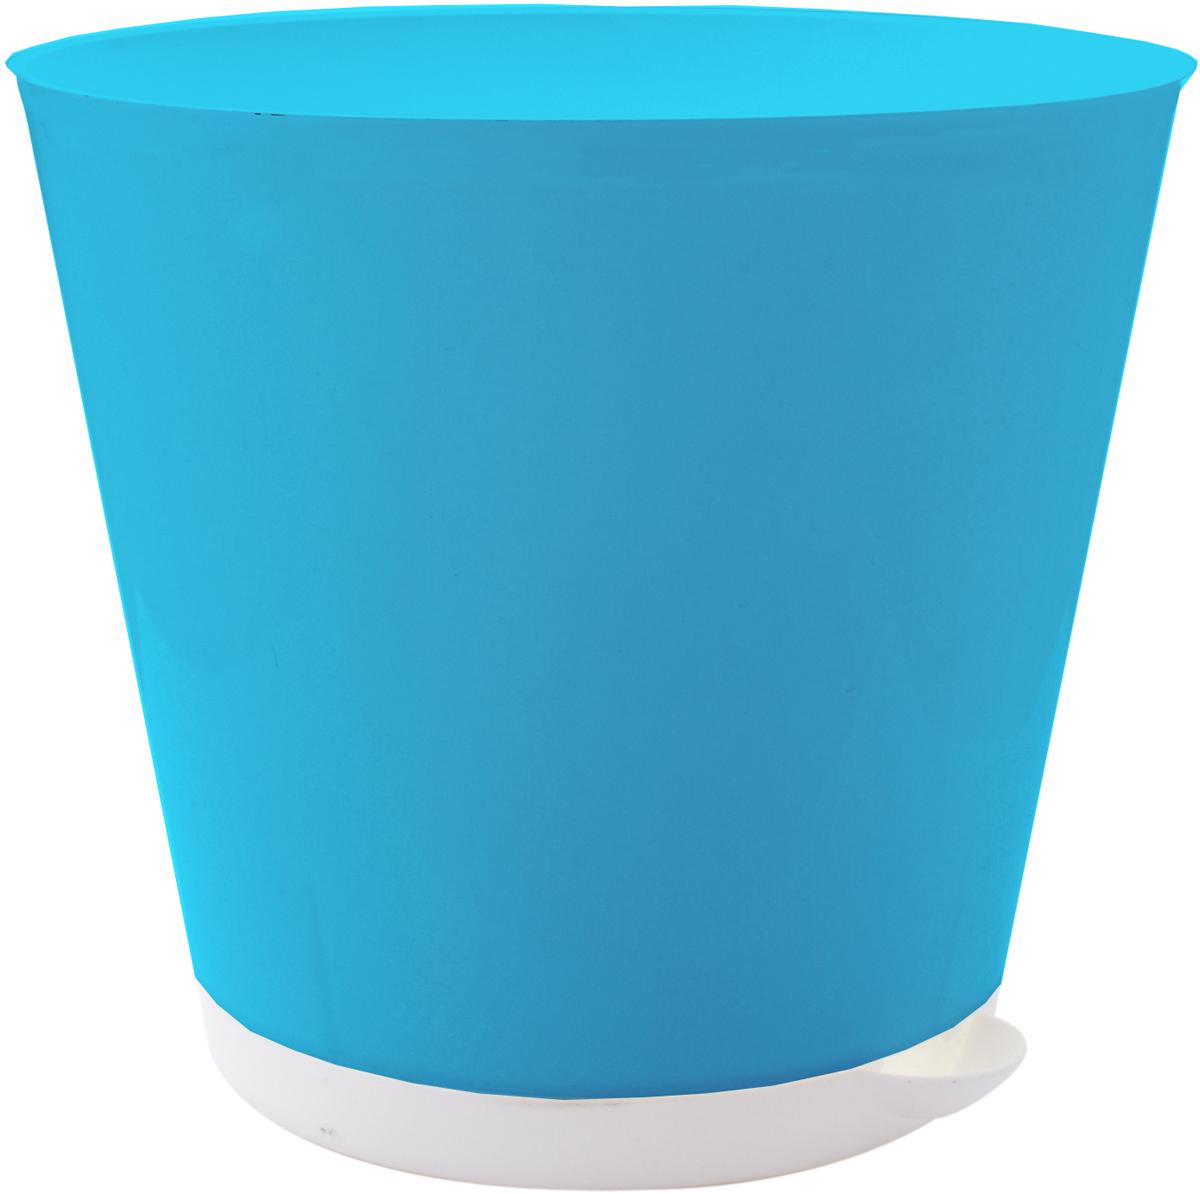 Горшок для цветов InGreen Крит, с системой прикорневого полива, цвет: светло-синий, белый, диаметр 12 смING46012СВСН-16РSГоршок InGreen Крит, выполненный из высококачественного пластика, предназначен для выращивания комнатных цветов, растений и трав. Специальная конструкция обеспечивает вентиляцию в корневой системе растения, а дренажные отверстия позволяют выходить лишней влаге из почвы. Крепежные отверстия и штыри прочно крепят подставку к горшку. Прикорневой полив растения осуществляется через удобный носик. Система прикорневого полива позволяет оставлять комнатное растение без внимания тем, кто часто находится в командировках или собирается в отпуск и не имеет возможности вовремя поливать цветы.Такой горшок порадует вас современным дизайном и функциональностью, а также оригинально украсит интерьер любого помещения. Диаметр горшка (по верхнему краю): 12 см.Высота горшка: 11,2 см. .